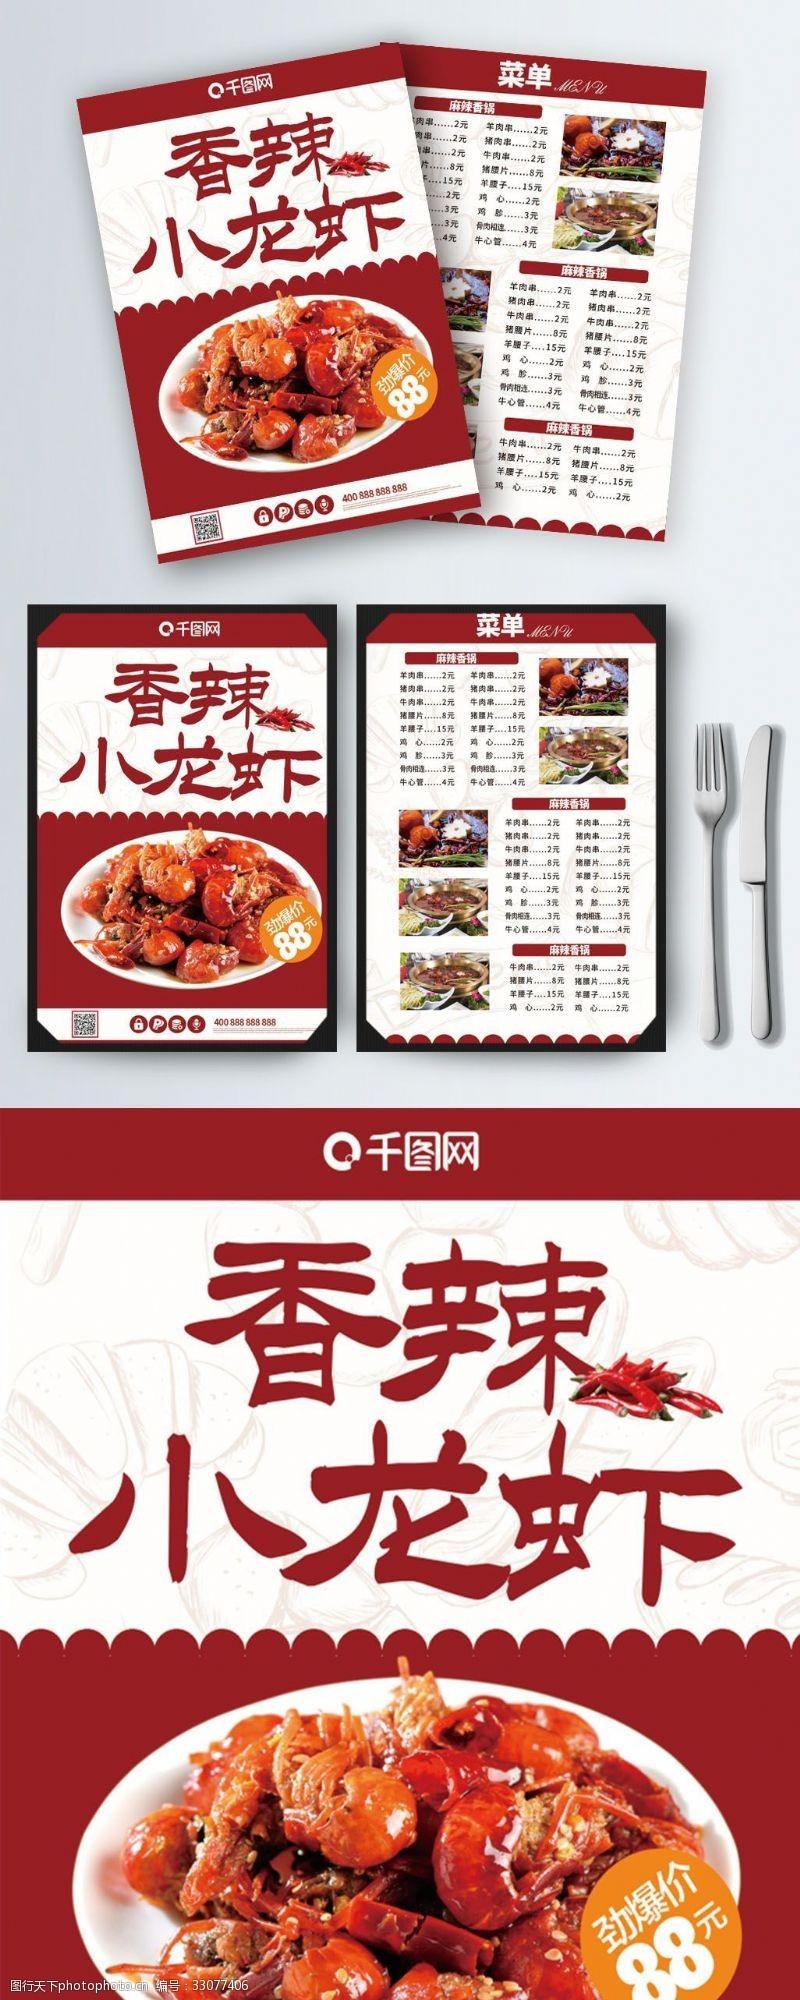 红色简约大气香辣小龙虾菜单